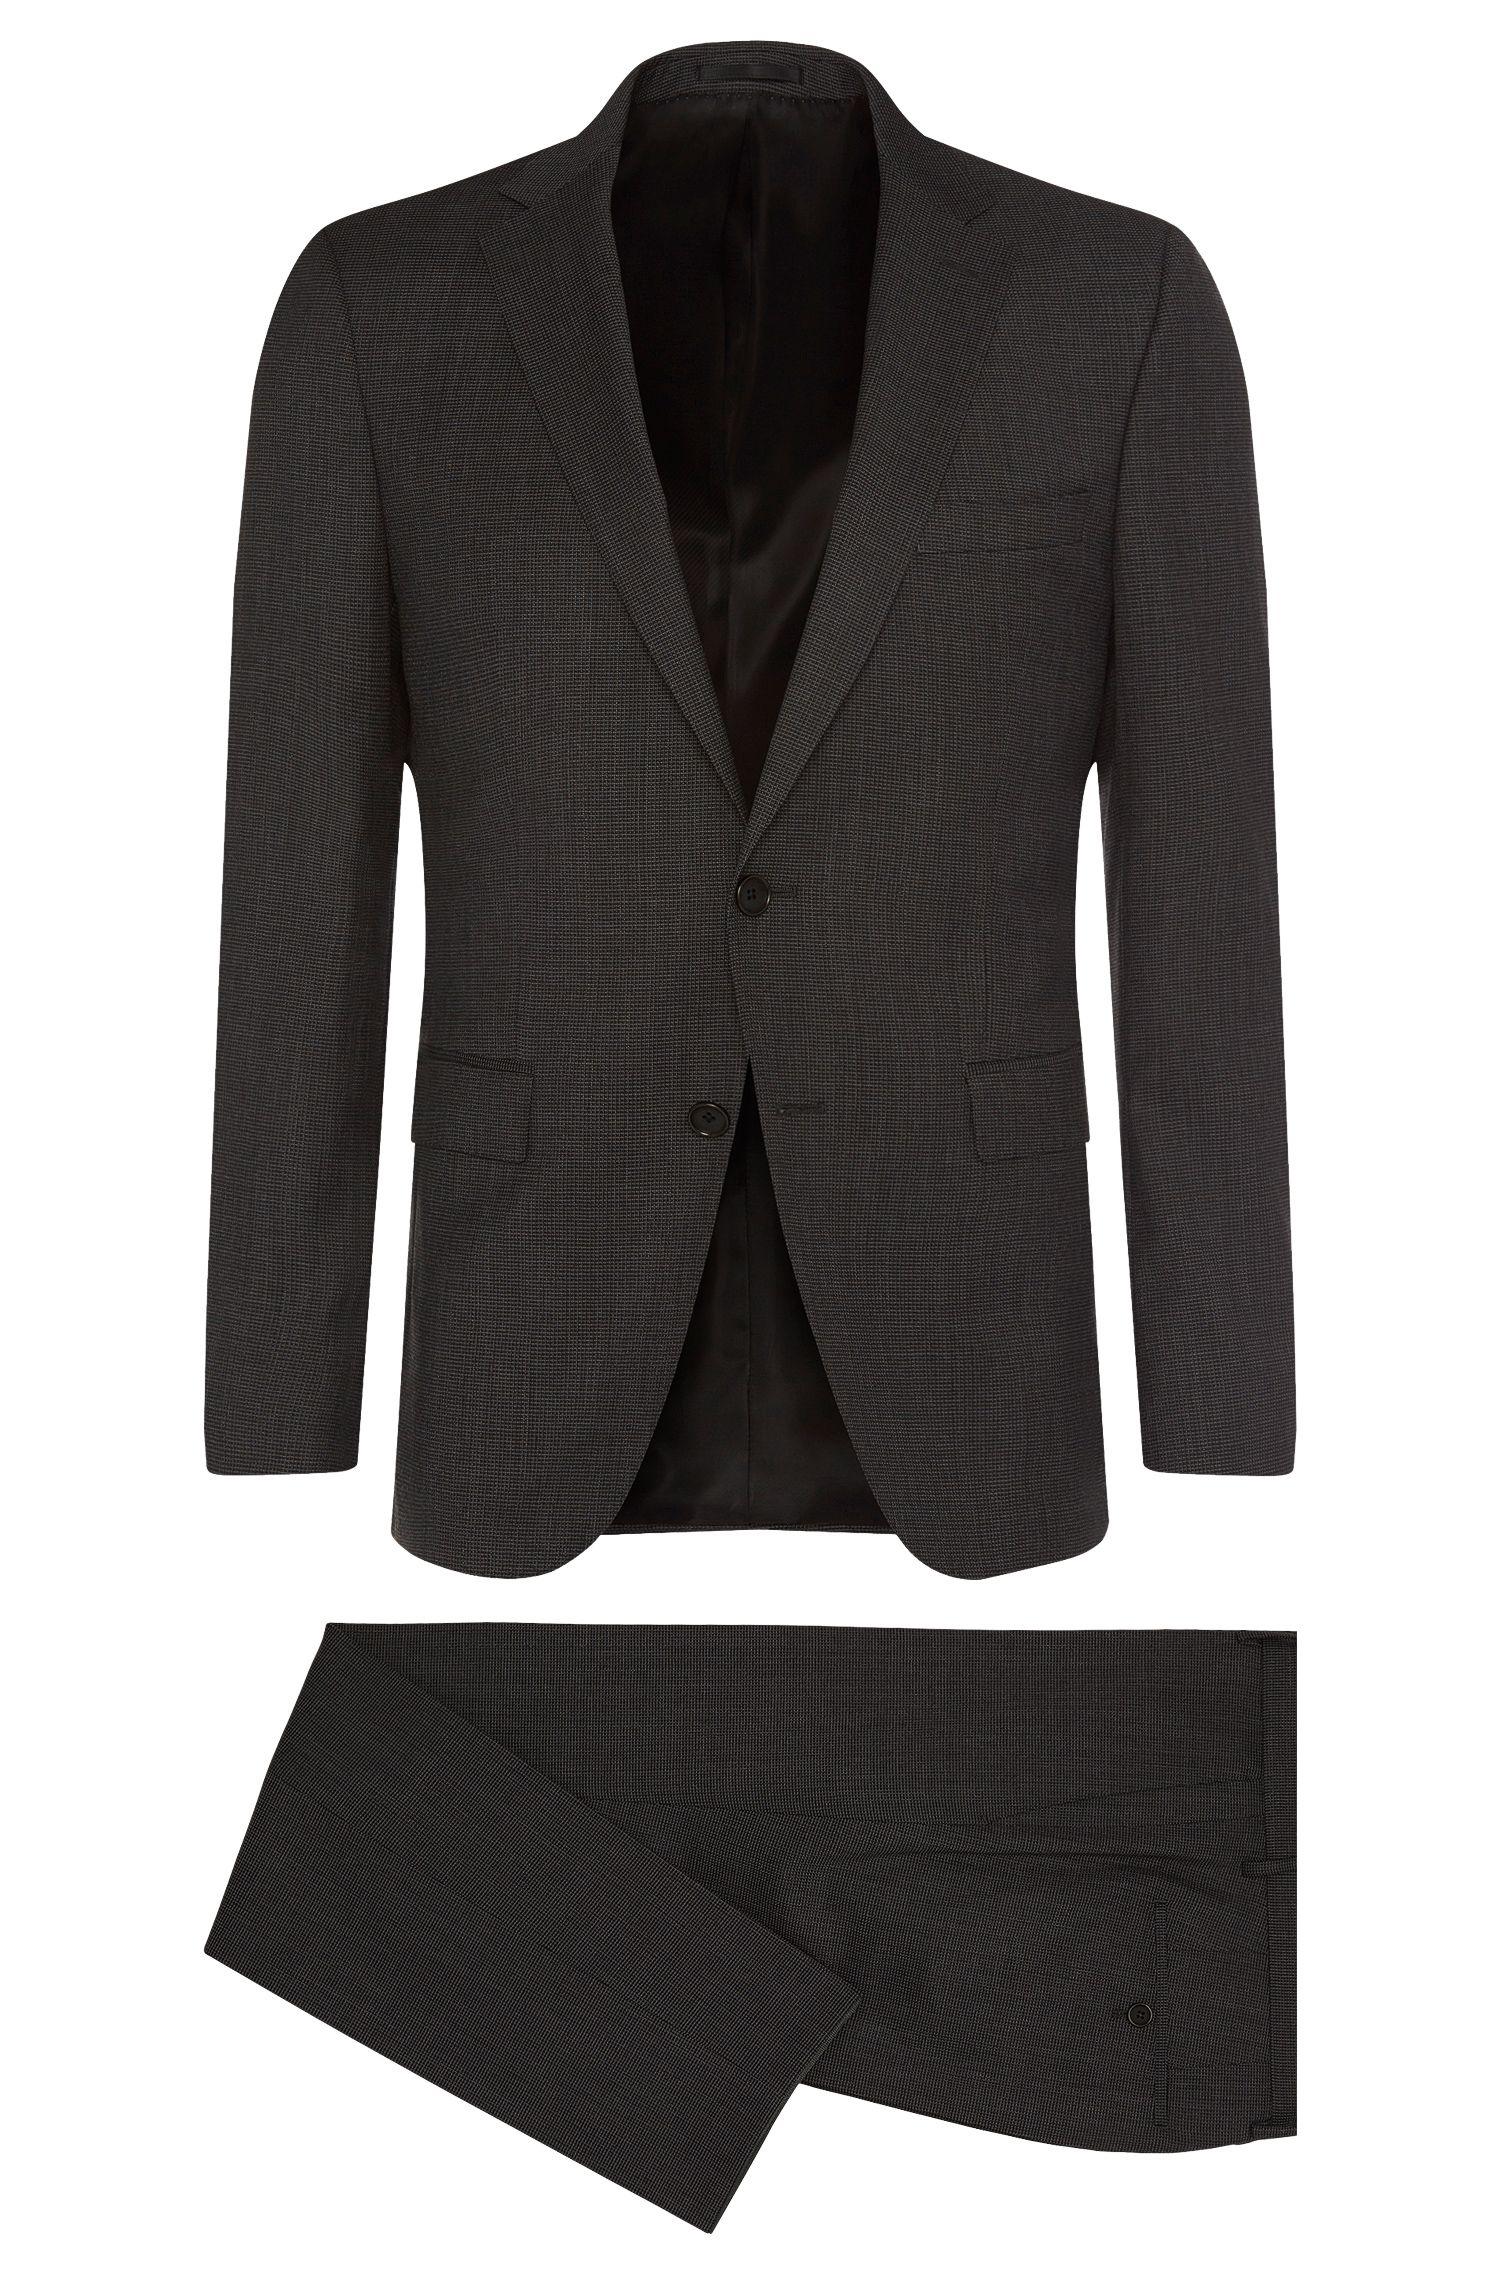 Super 100 Virgin Wool Suit, Slim Fit | Novan/Ben